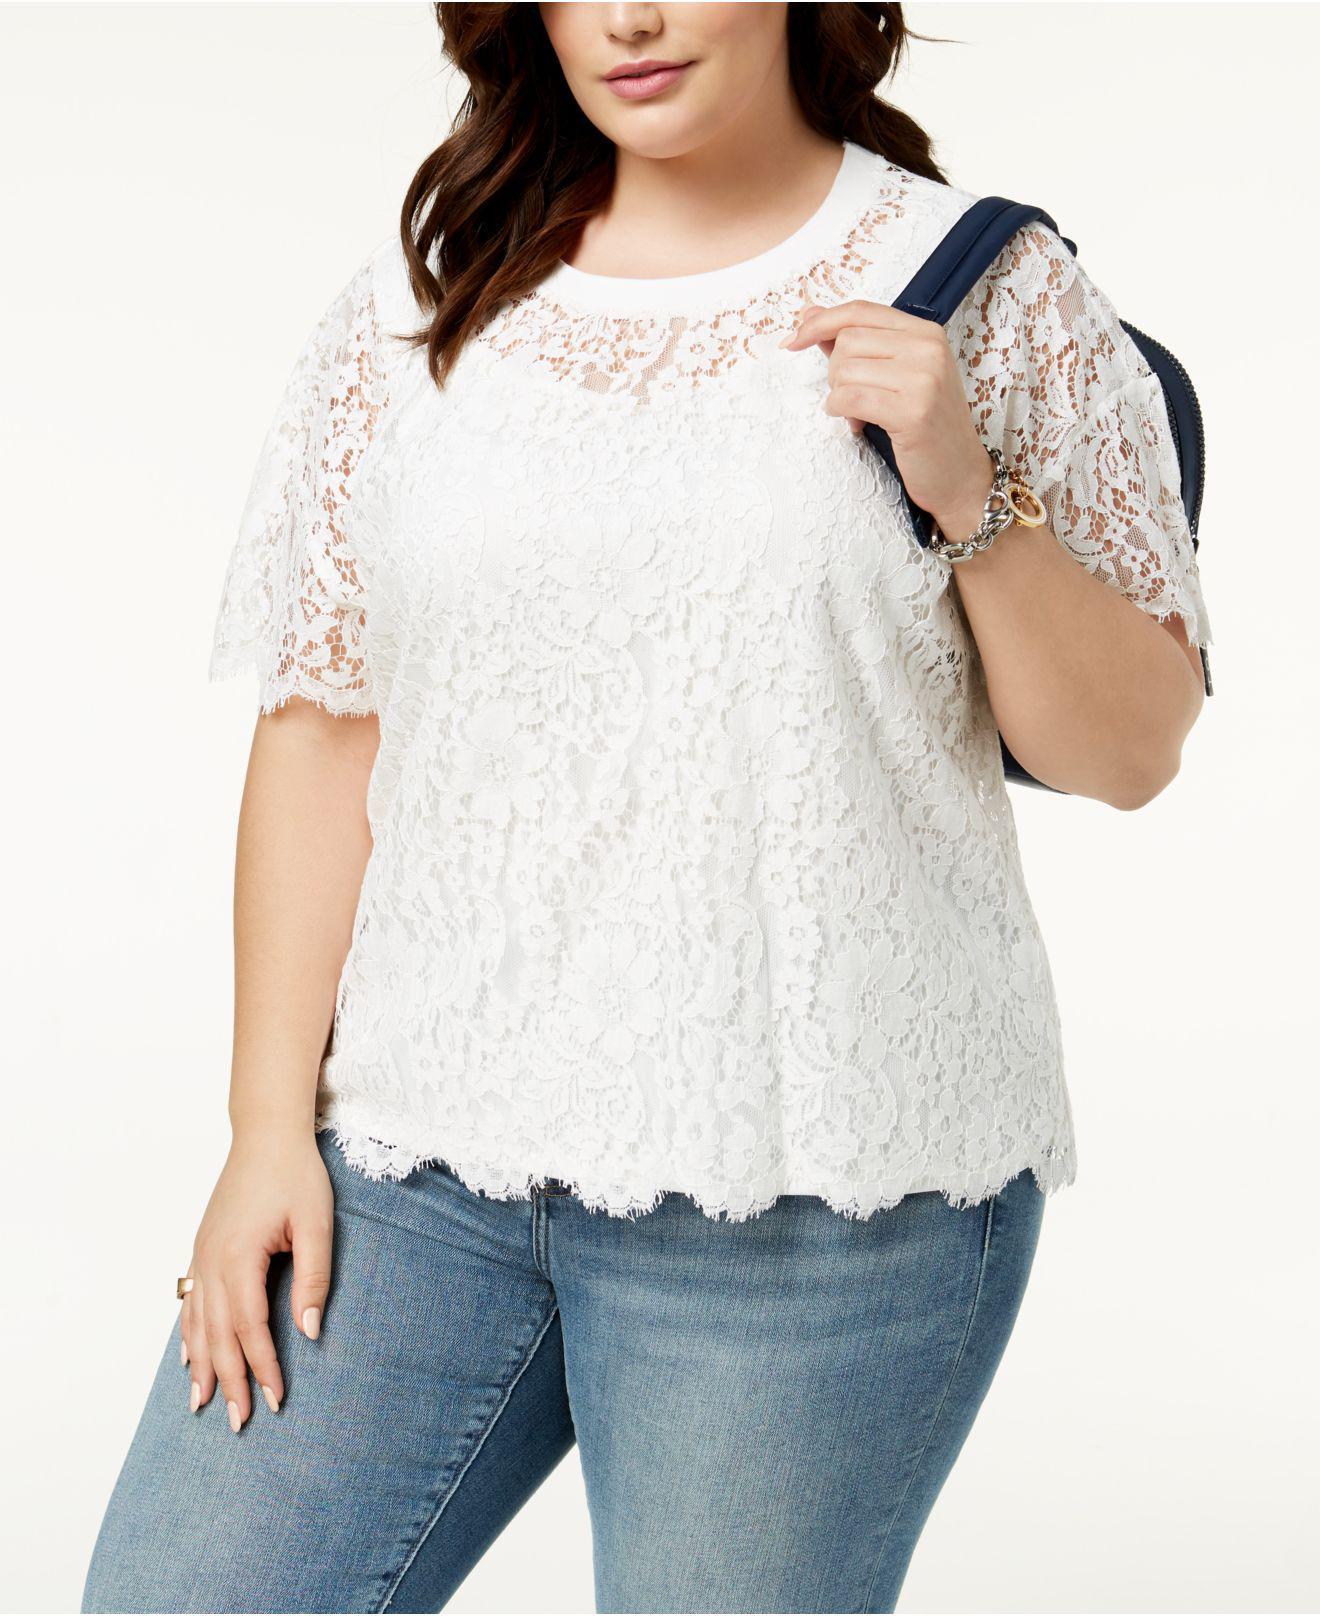 a538011005d Lyst - Tommy Hilfiger Plus Size Lace T-shirt